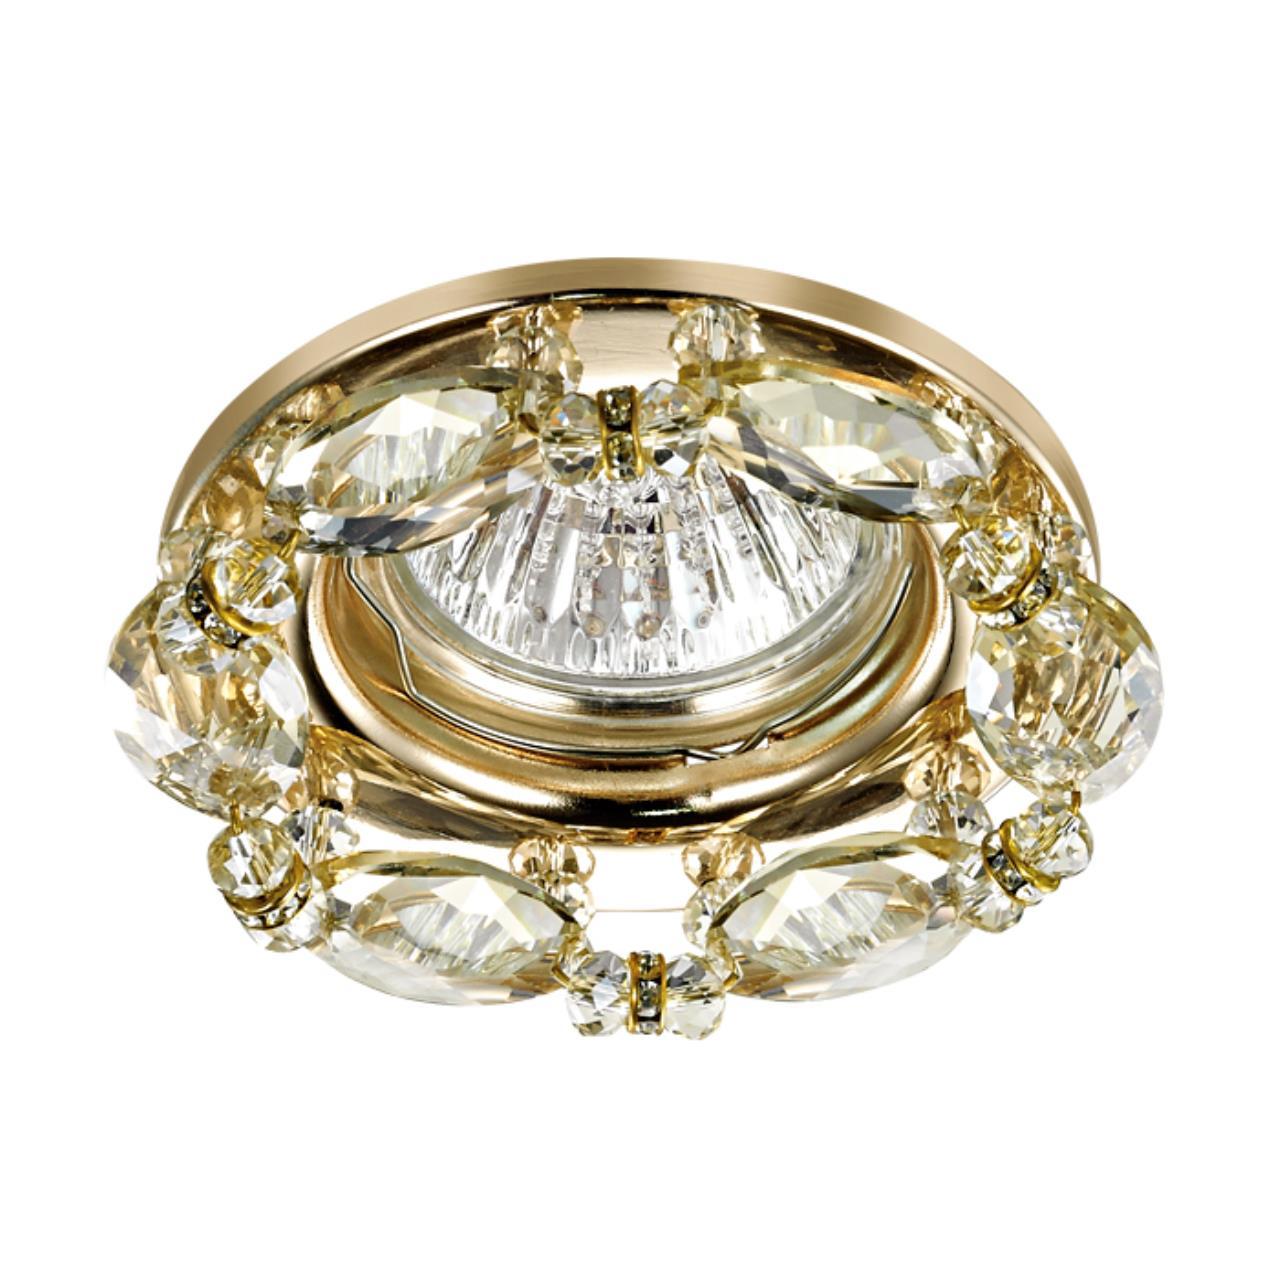 370230 SPOT NT16 123 золото Встраиваемый декоративный светильник IP20 GX5.3 50W 12V VIK